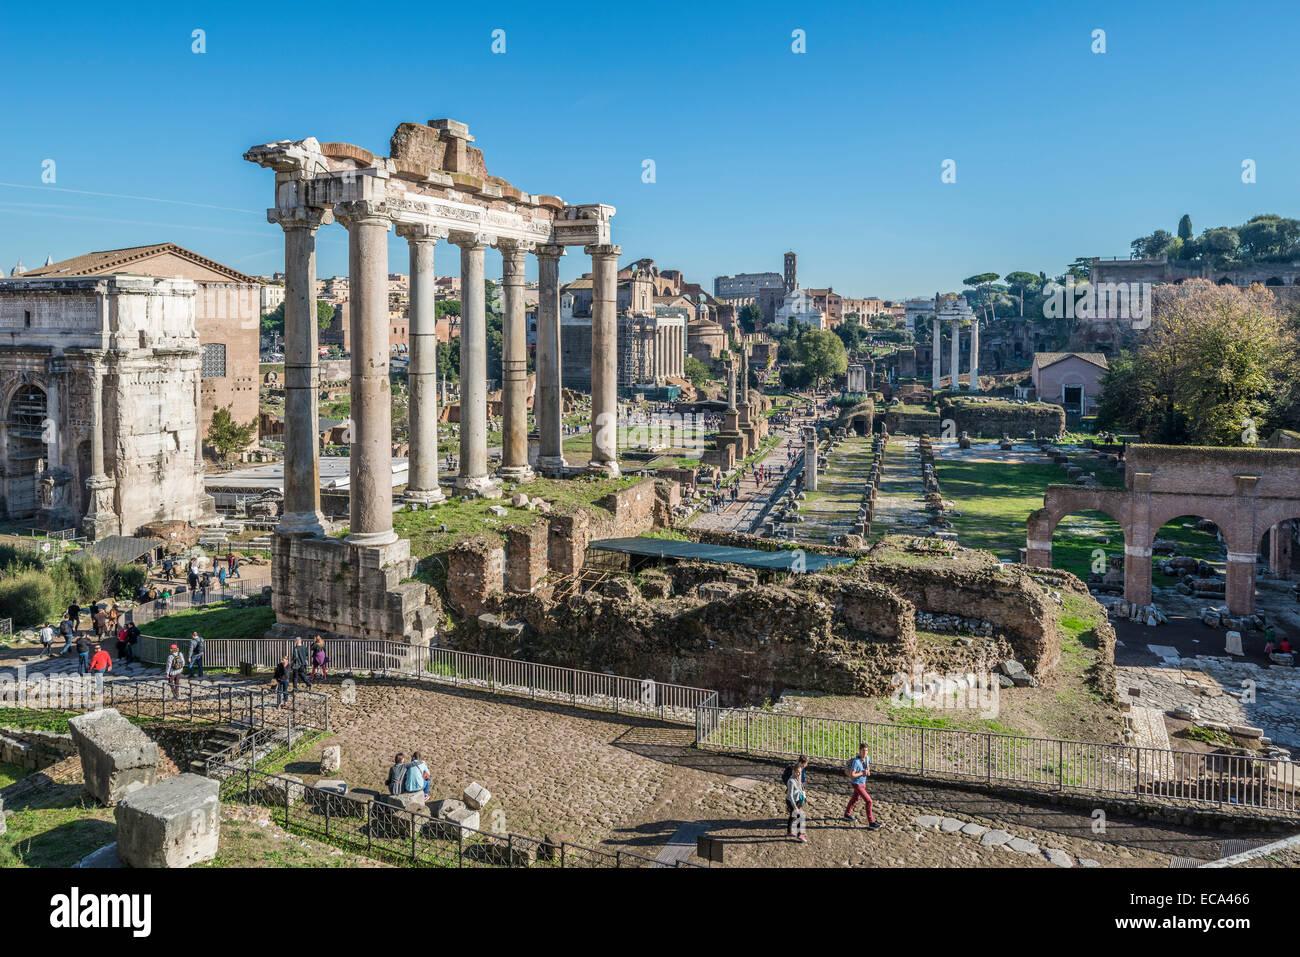 Columns of the Temple of Saturn, Roman Forum, Rione X Campitelli, Rome, Lazio, Italy - Stock Image